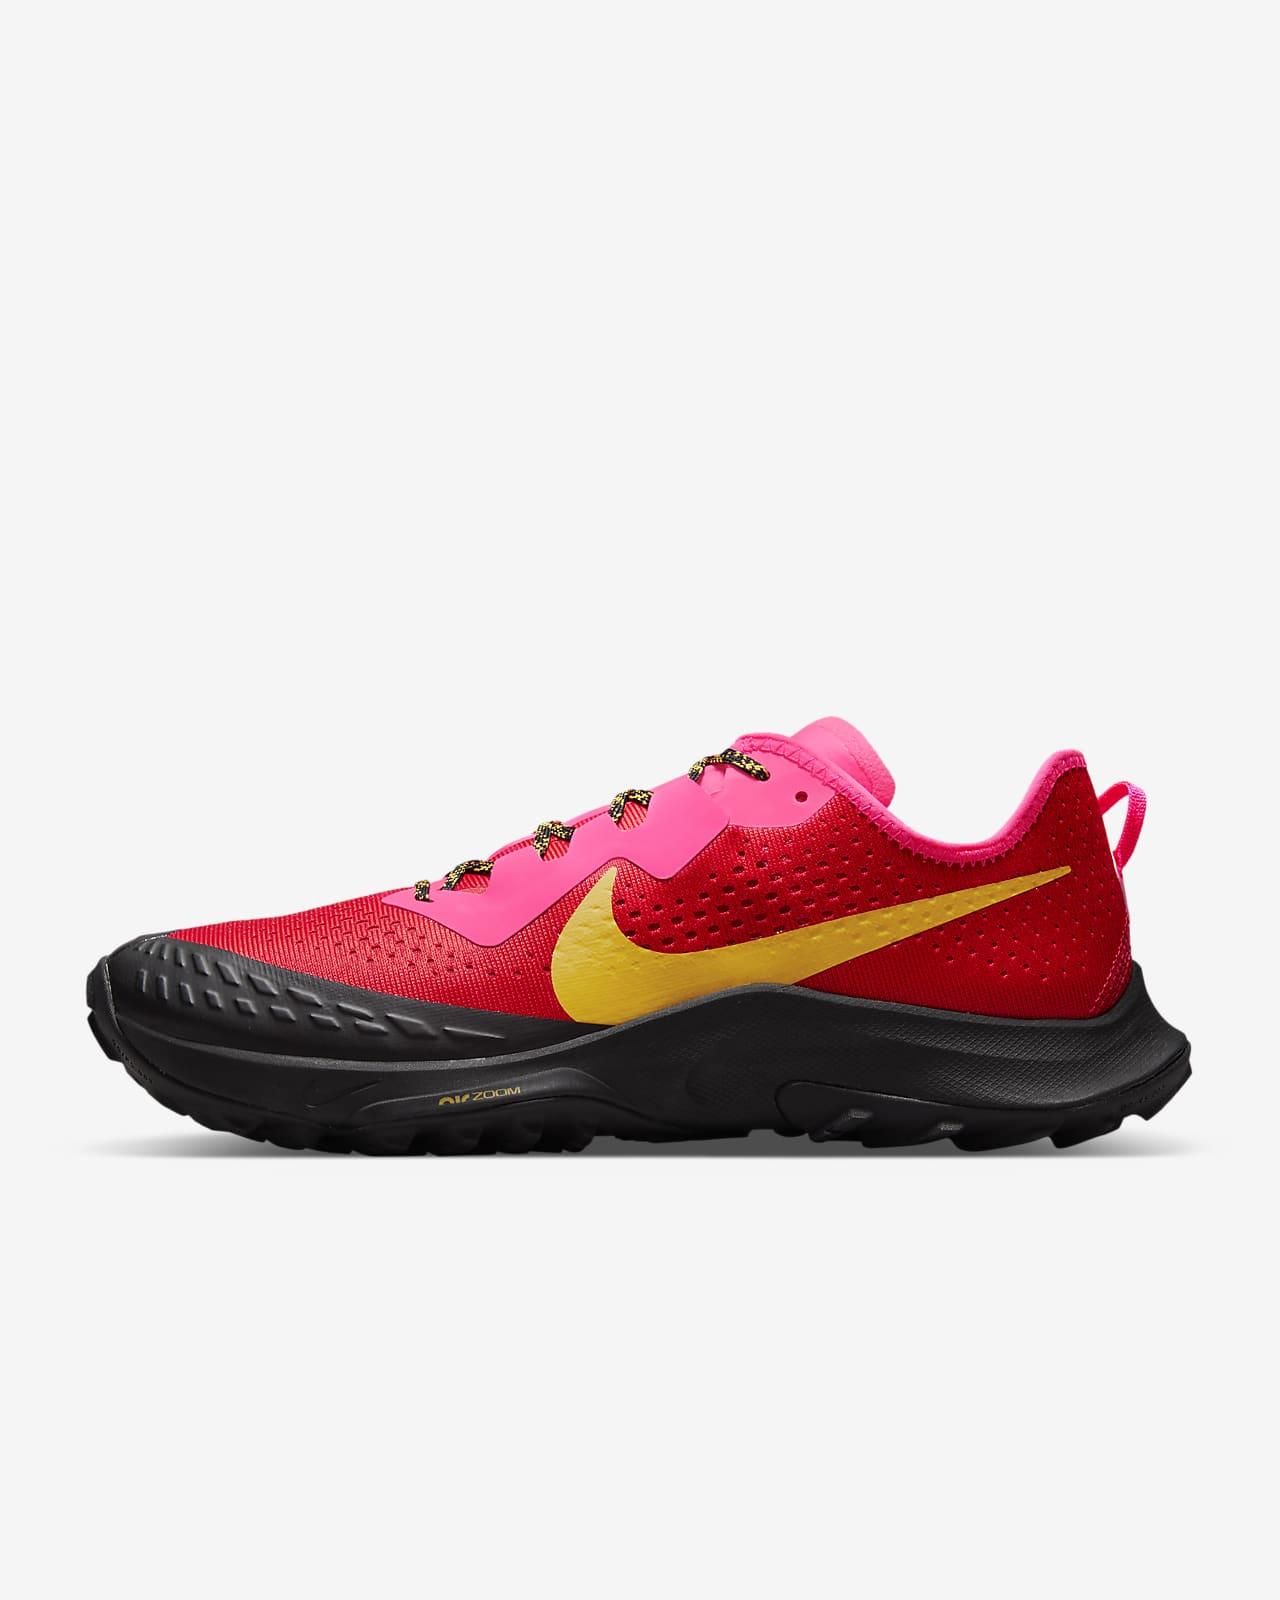 Nike Air Zoom Terra Kiger 7 terrengløpesko til herre